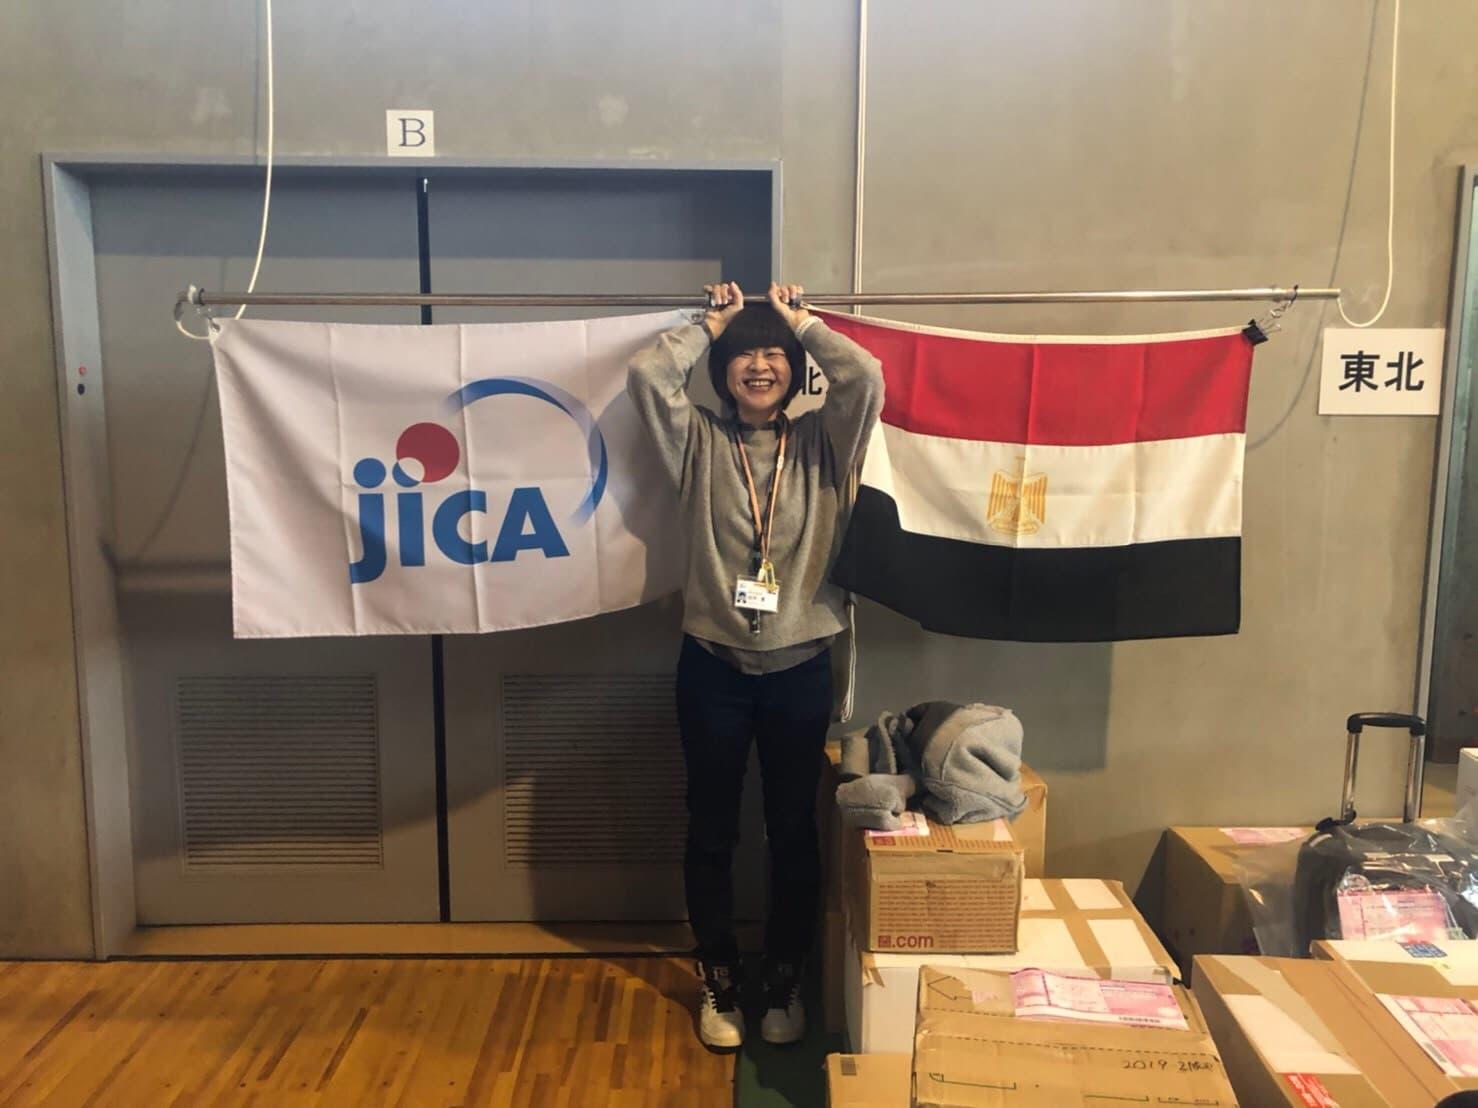 田中葵さん、青年海外協力隊としてエジプトへ。独占インタビュー🎤